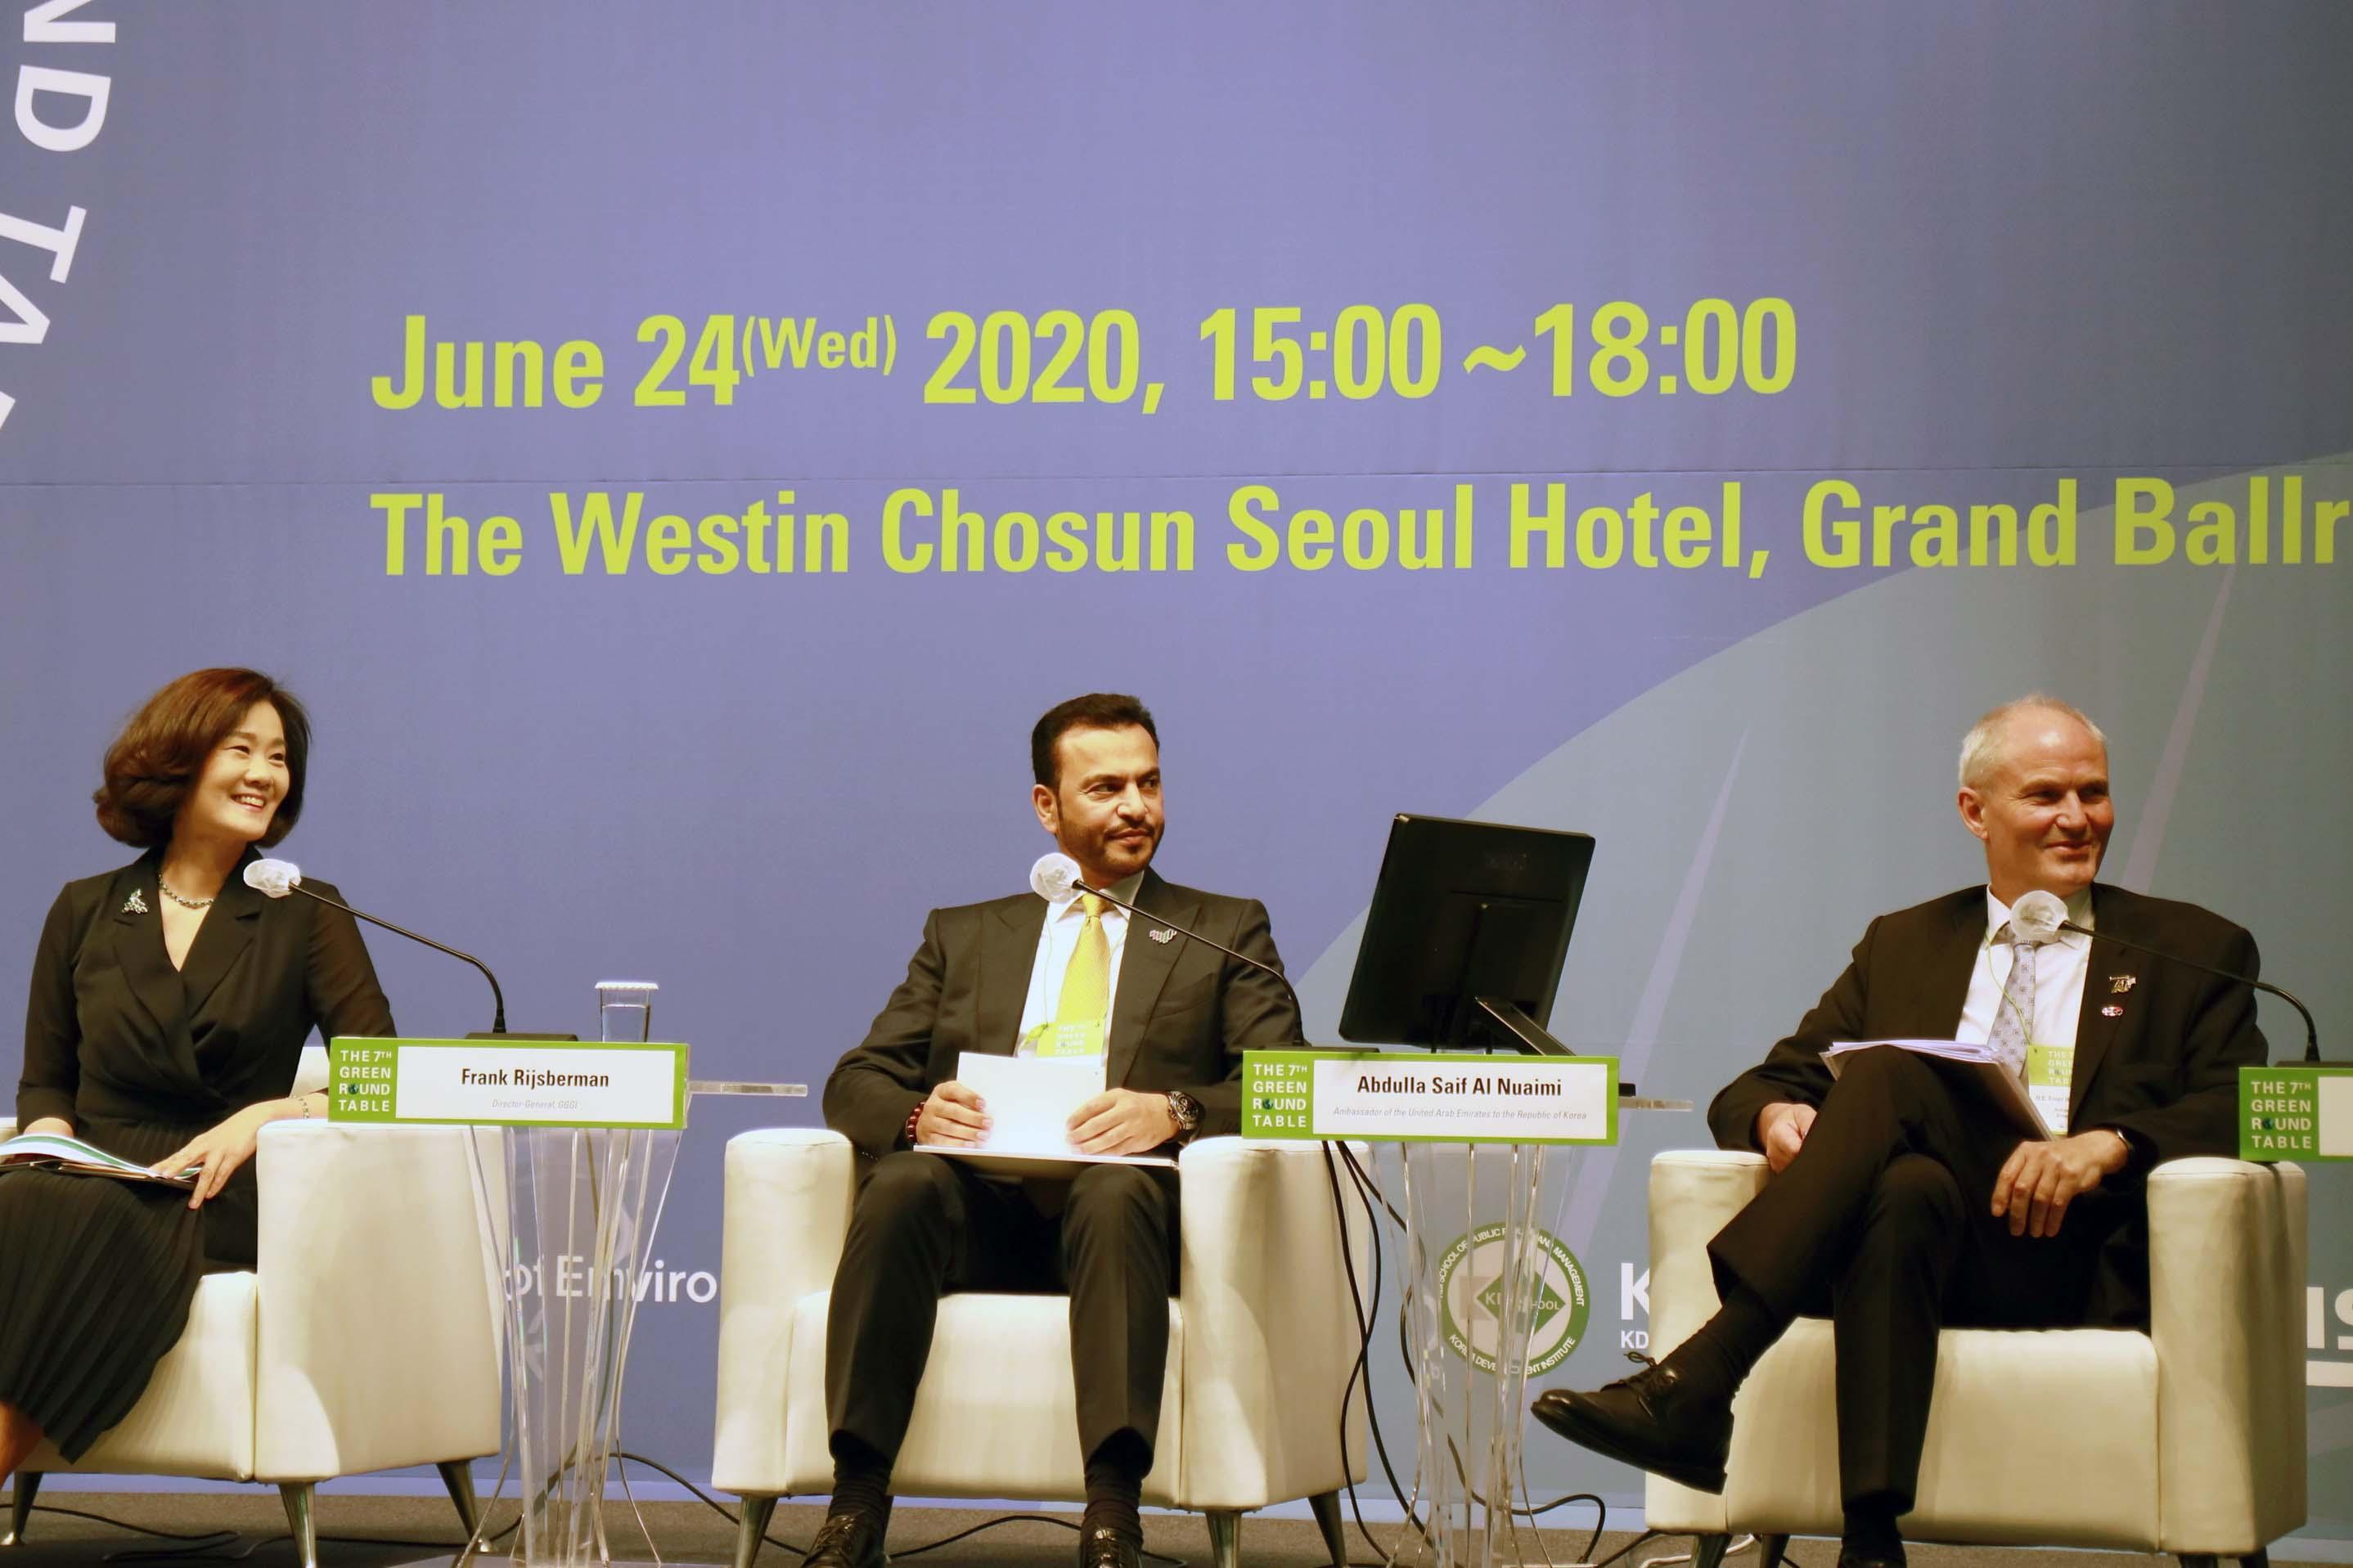 """سفير الدولة يشارك في اجتماع """"الطاولة المستديرة الخضراء السابعة"""" في كوريا الجنوبية"""